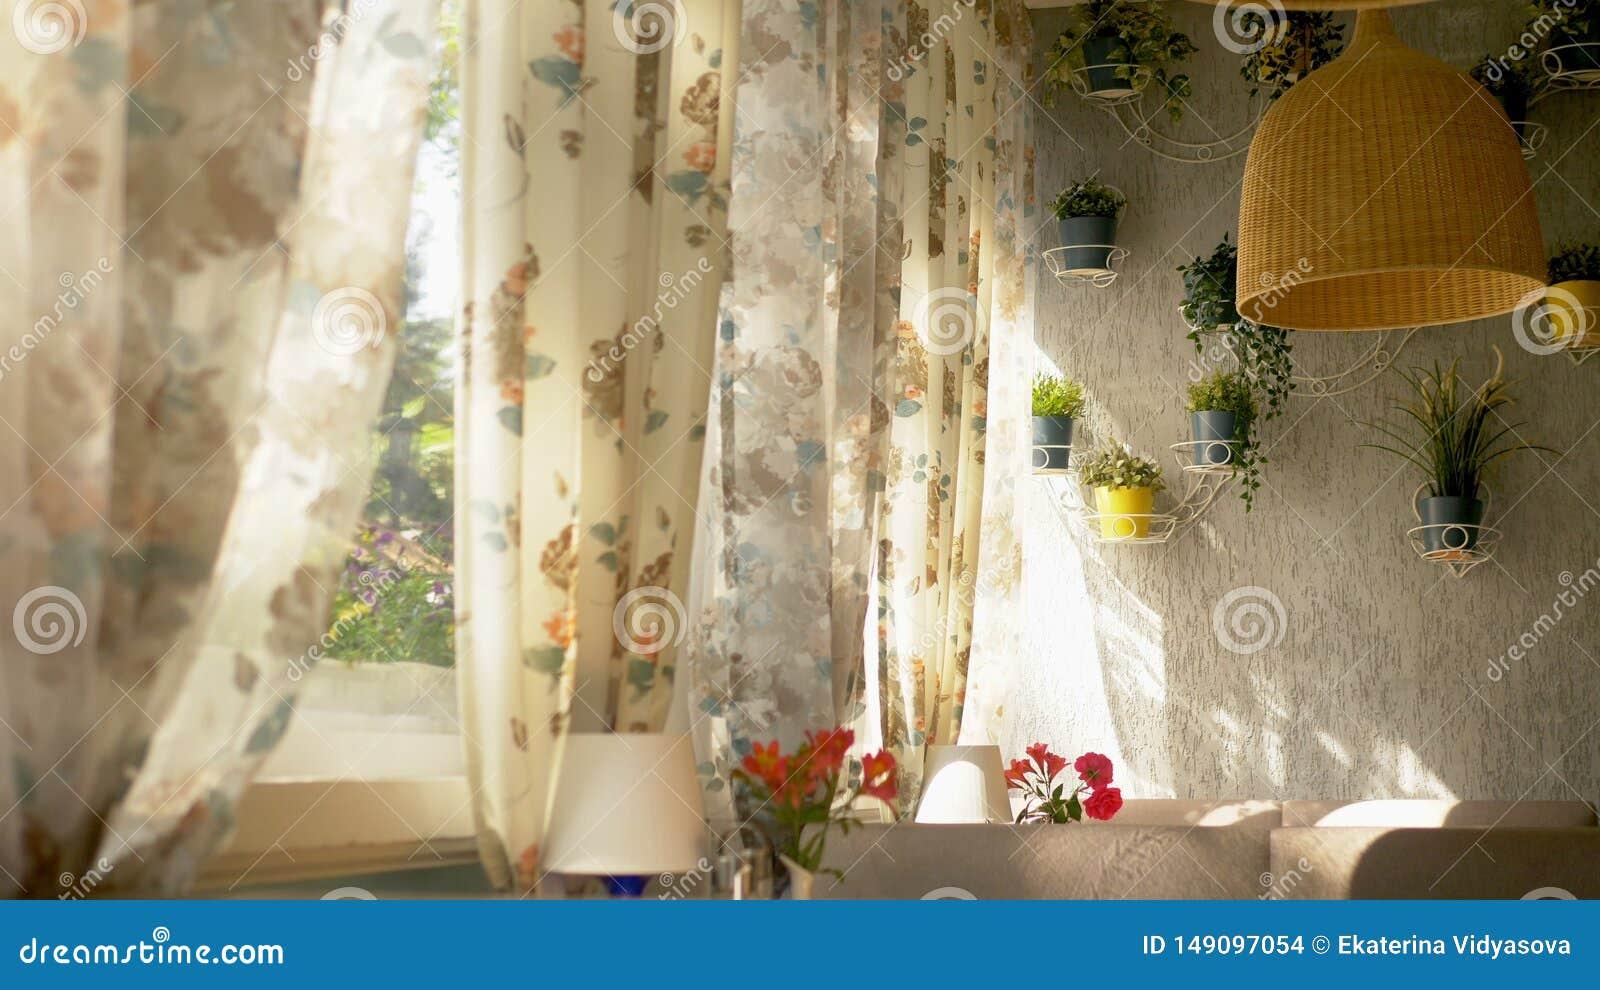 内部窗口的概念 用花卉图案帷幕和房子墙壁装饰的大全长窗口